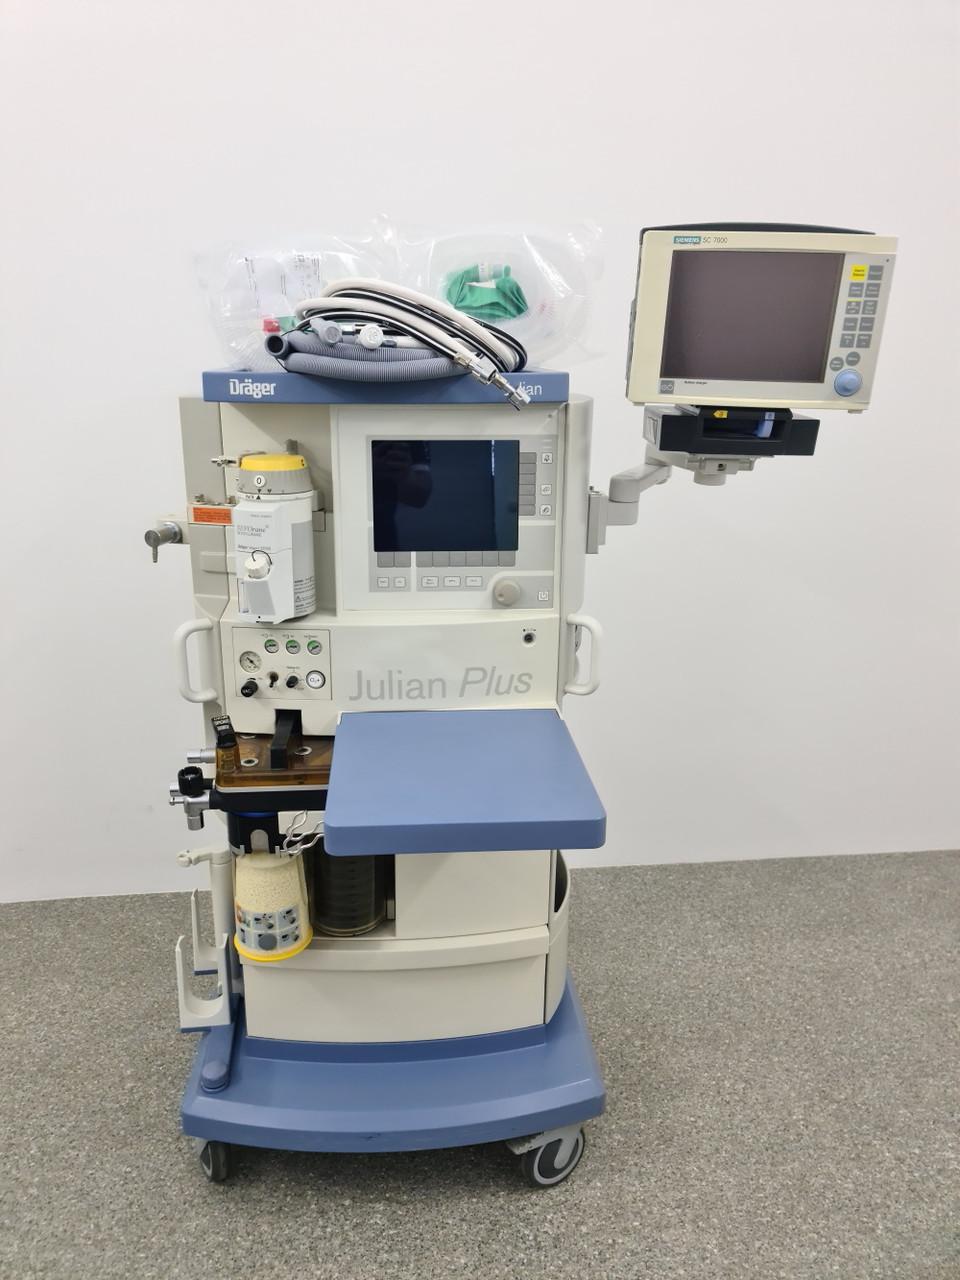 Dräger Julian Наркозный-дыхательный аппарат с испарителем и монитором пациента